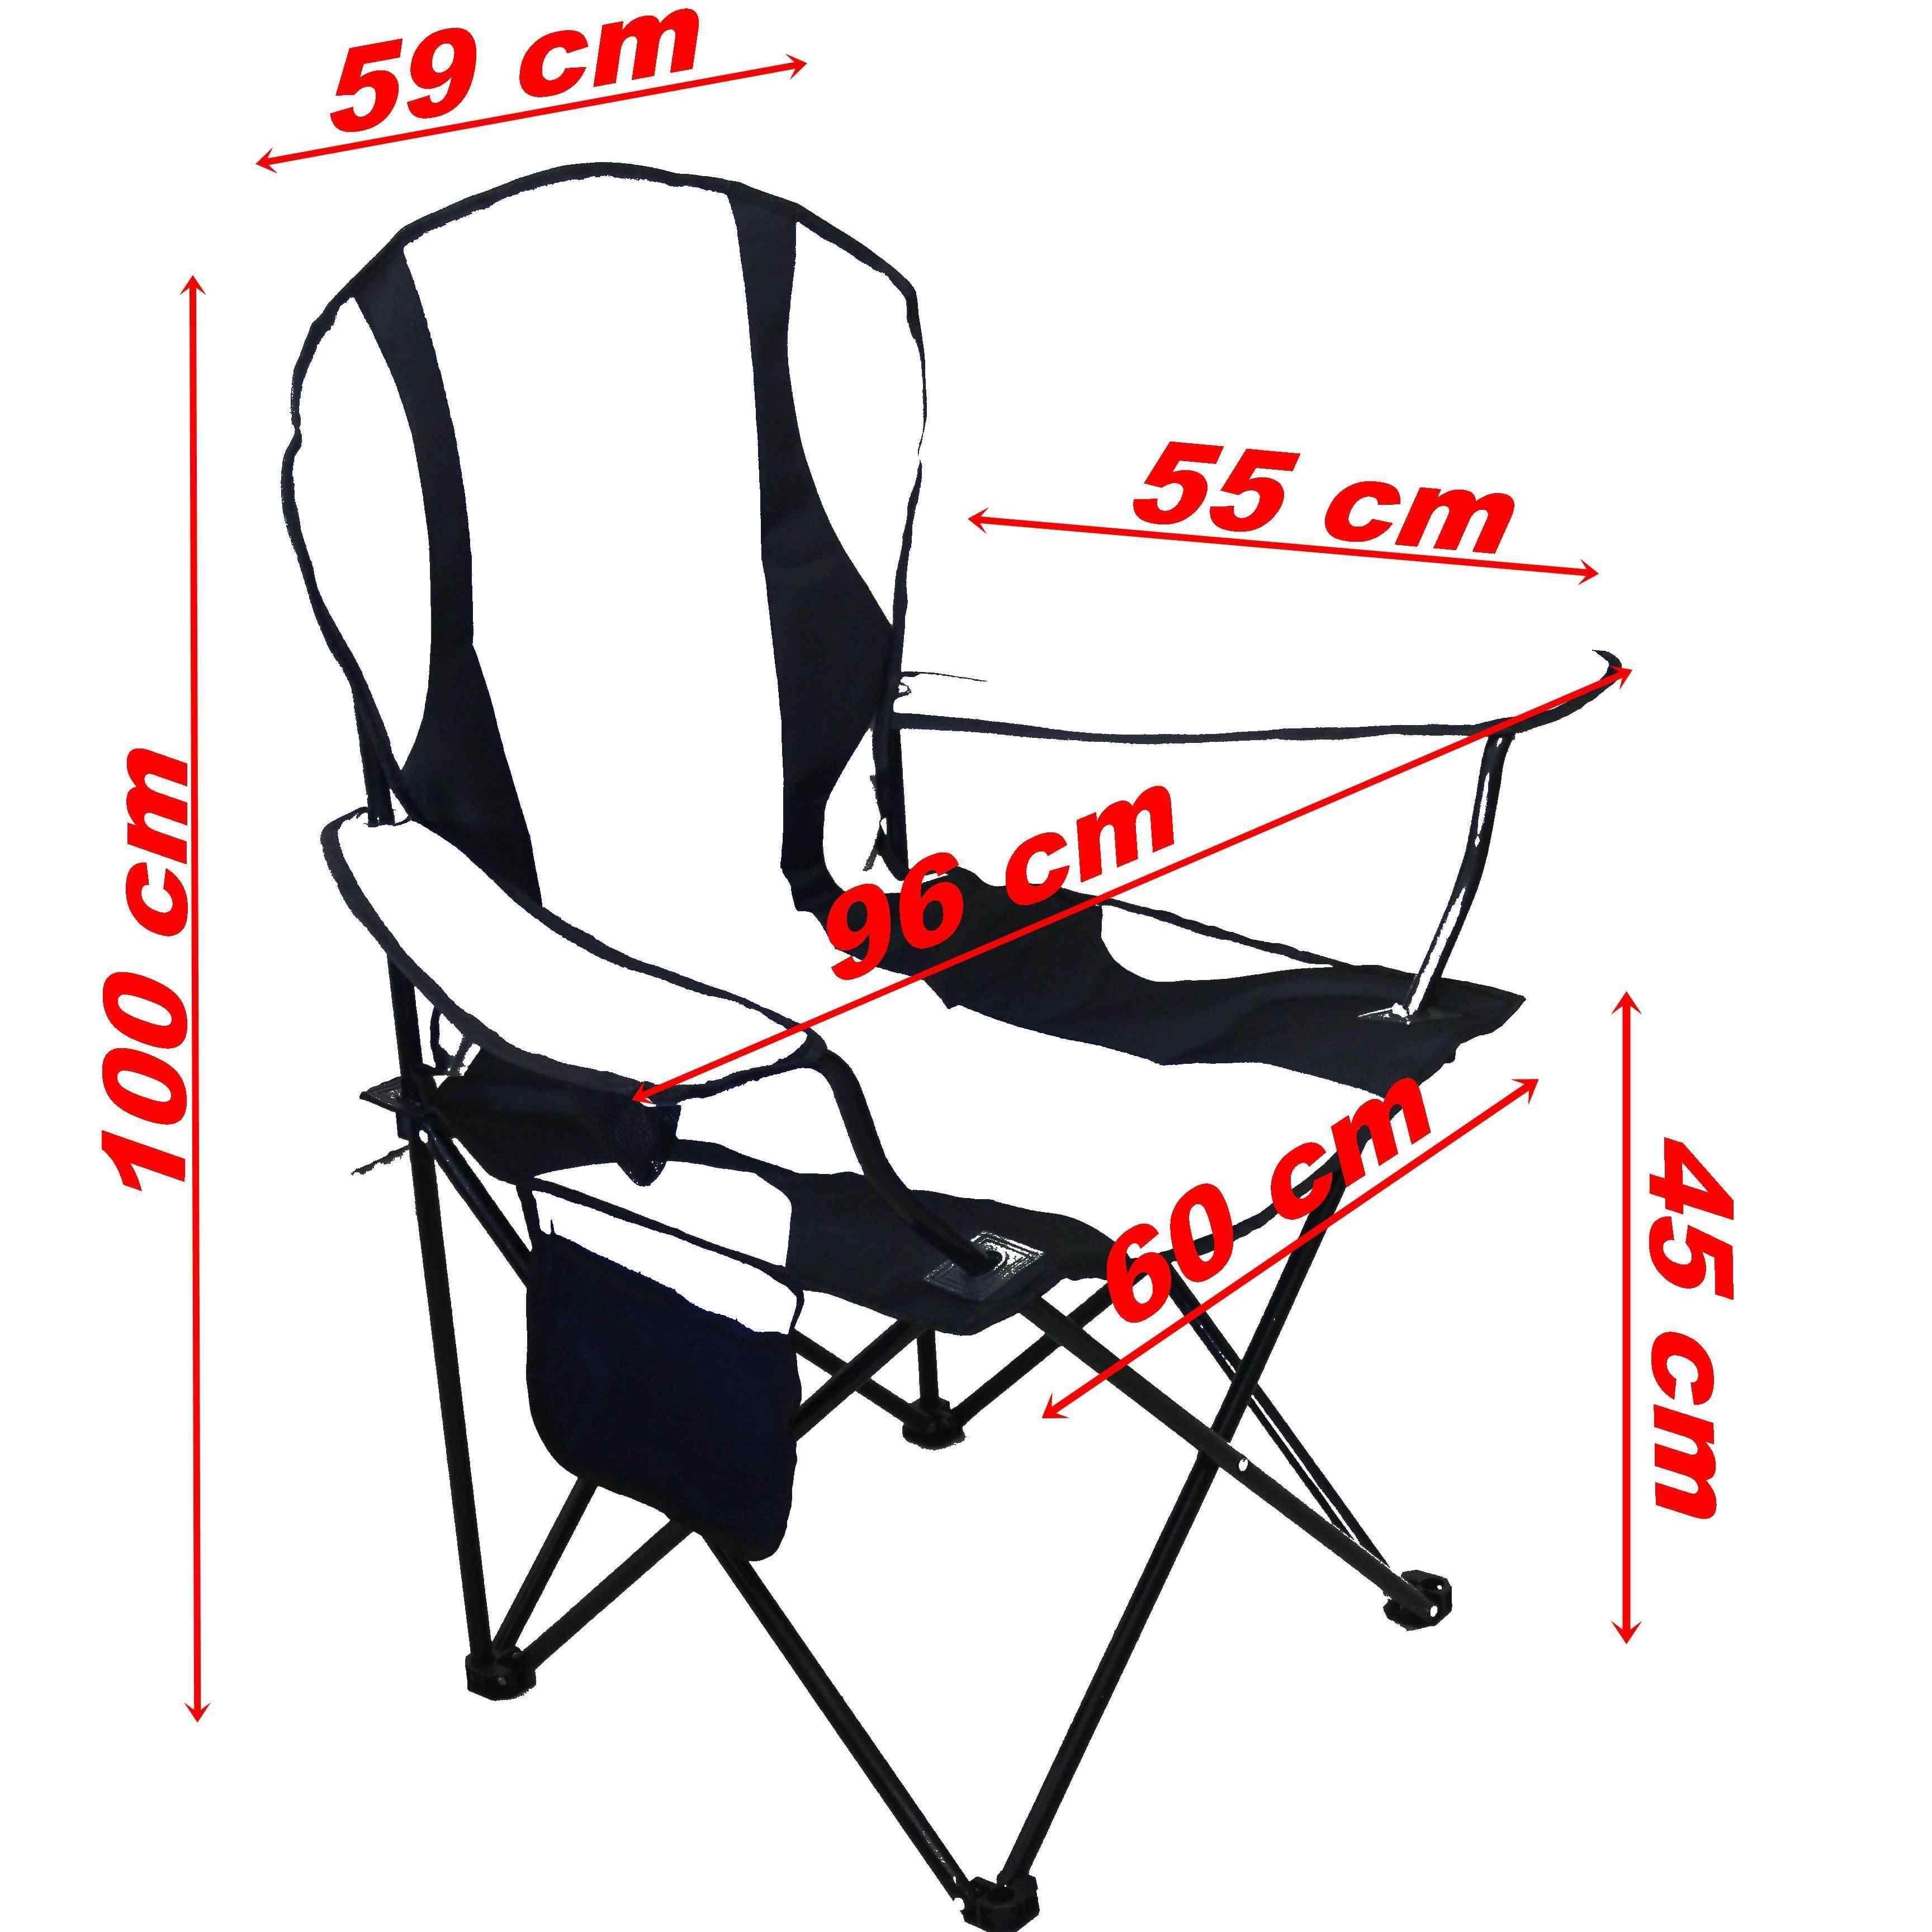 Mega Büyük Kamp Sandalyesi xL Kamp Sandalyesi Katlanır Sandalye Yeşil